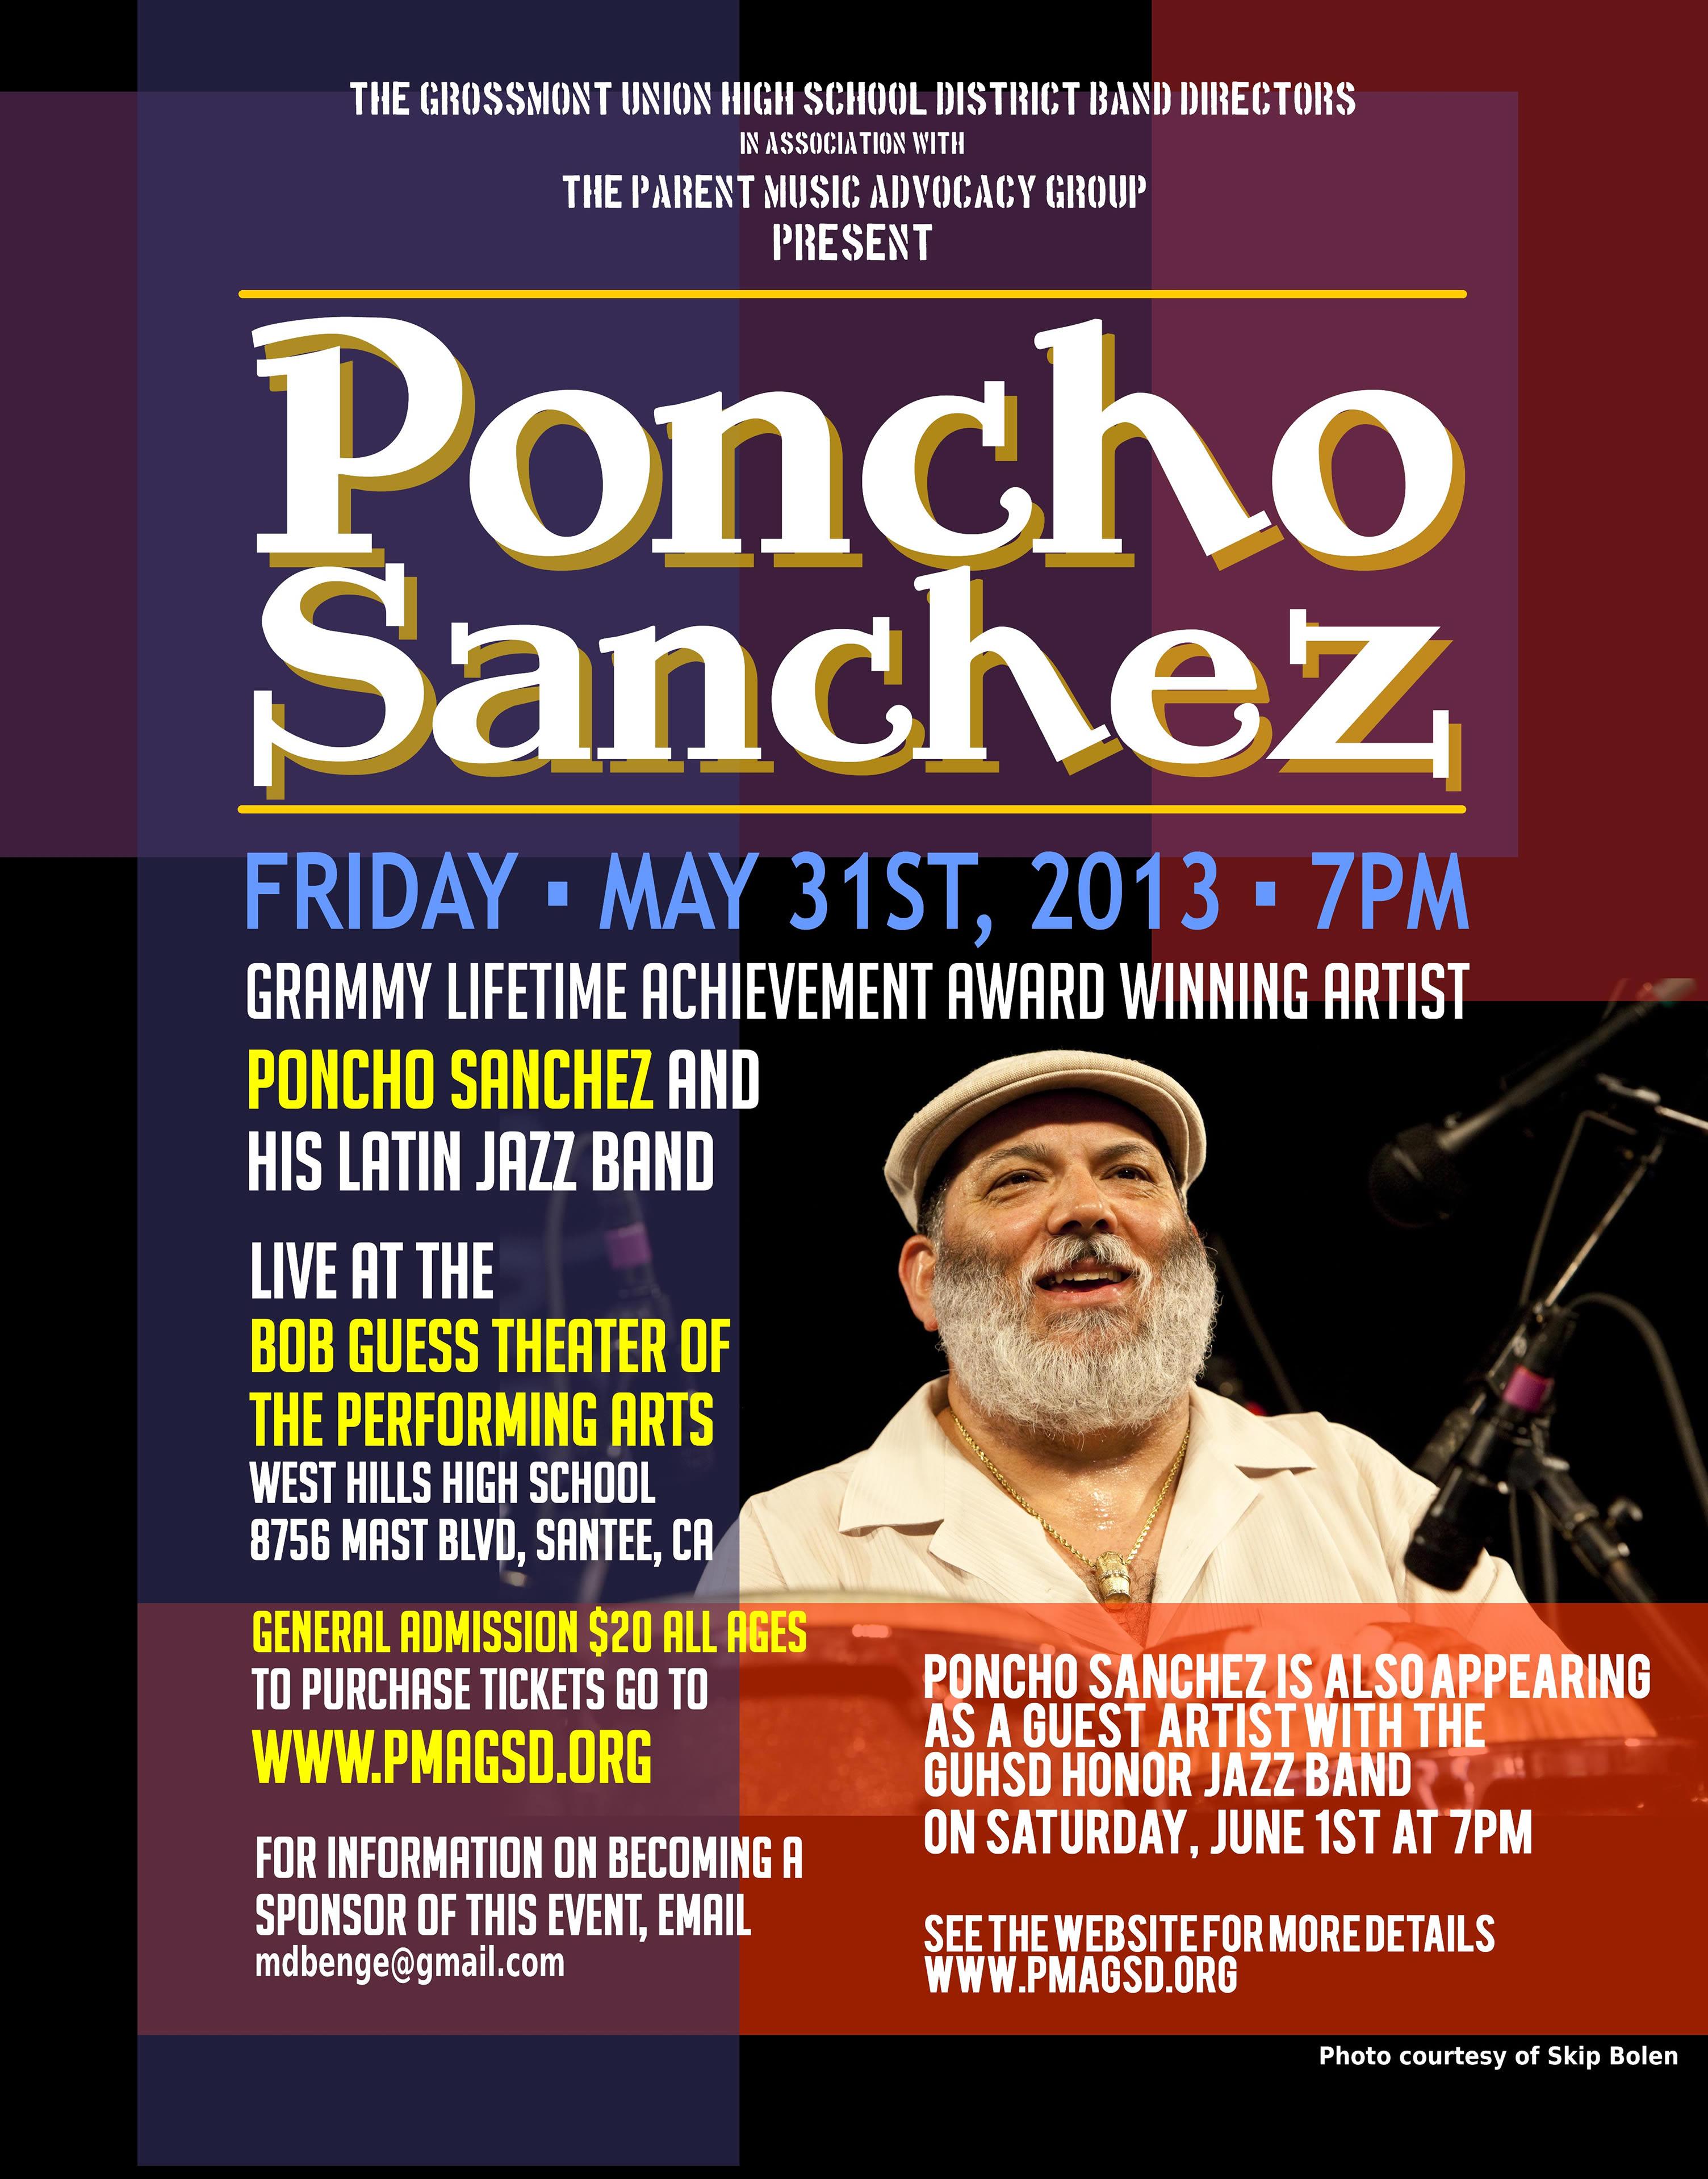 Poncho sanchez concert